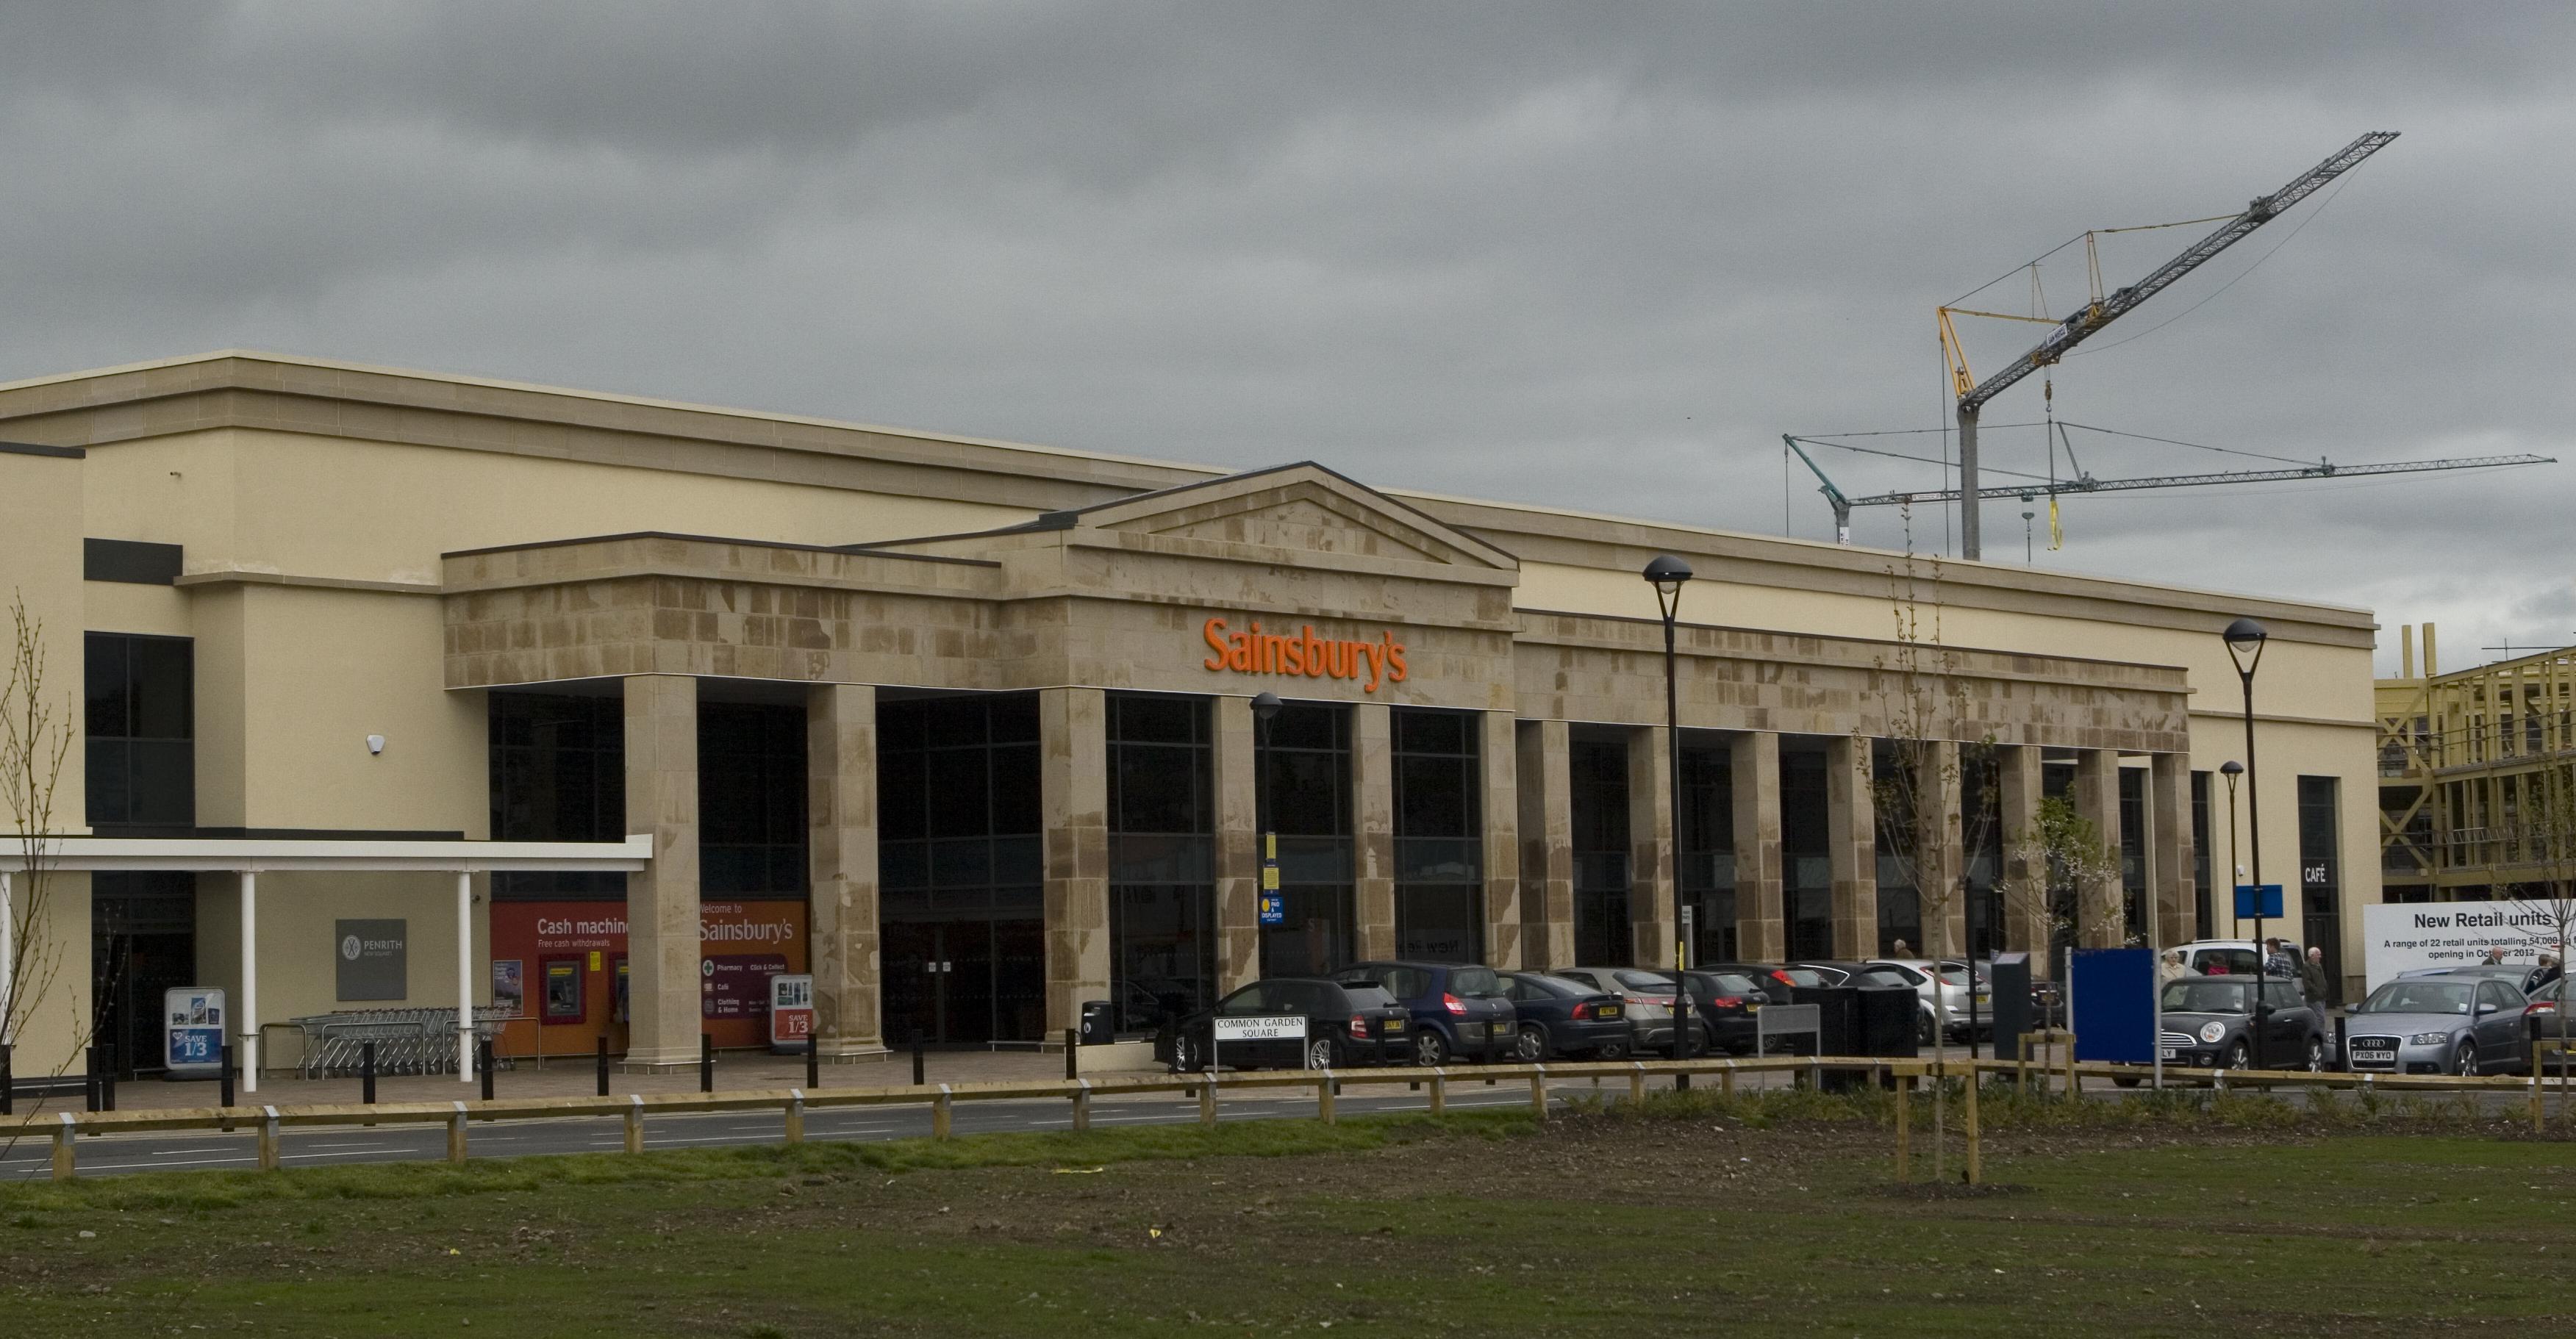 Grc Civic >> Sainsbury's Penrith | GRC - Glassfibre Reinforced Concrete